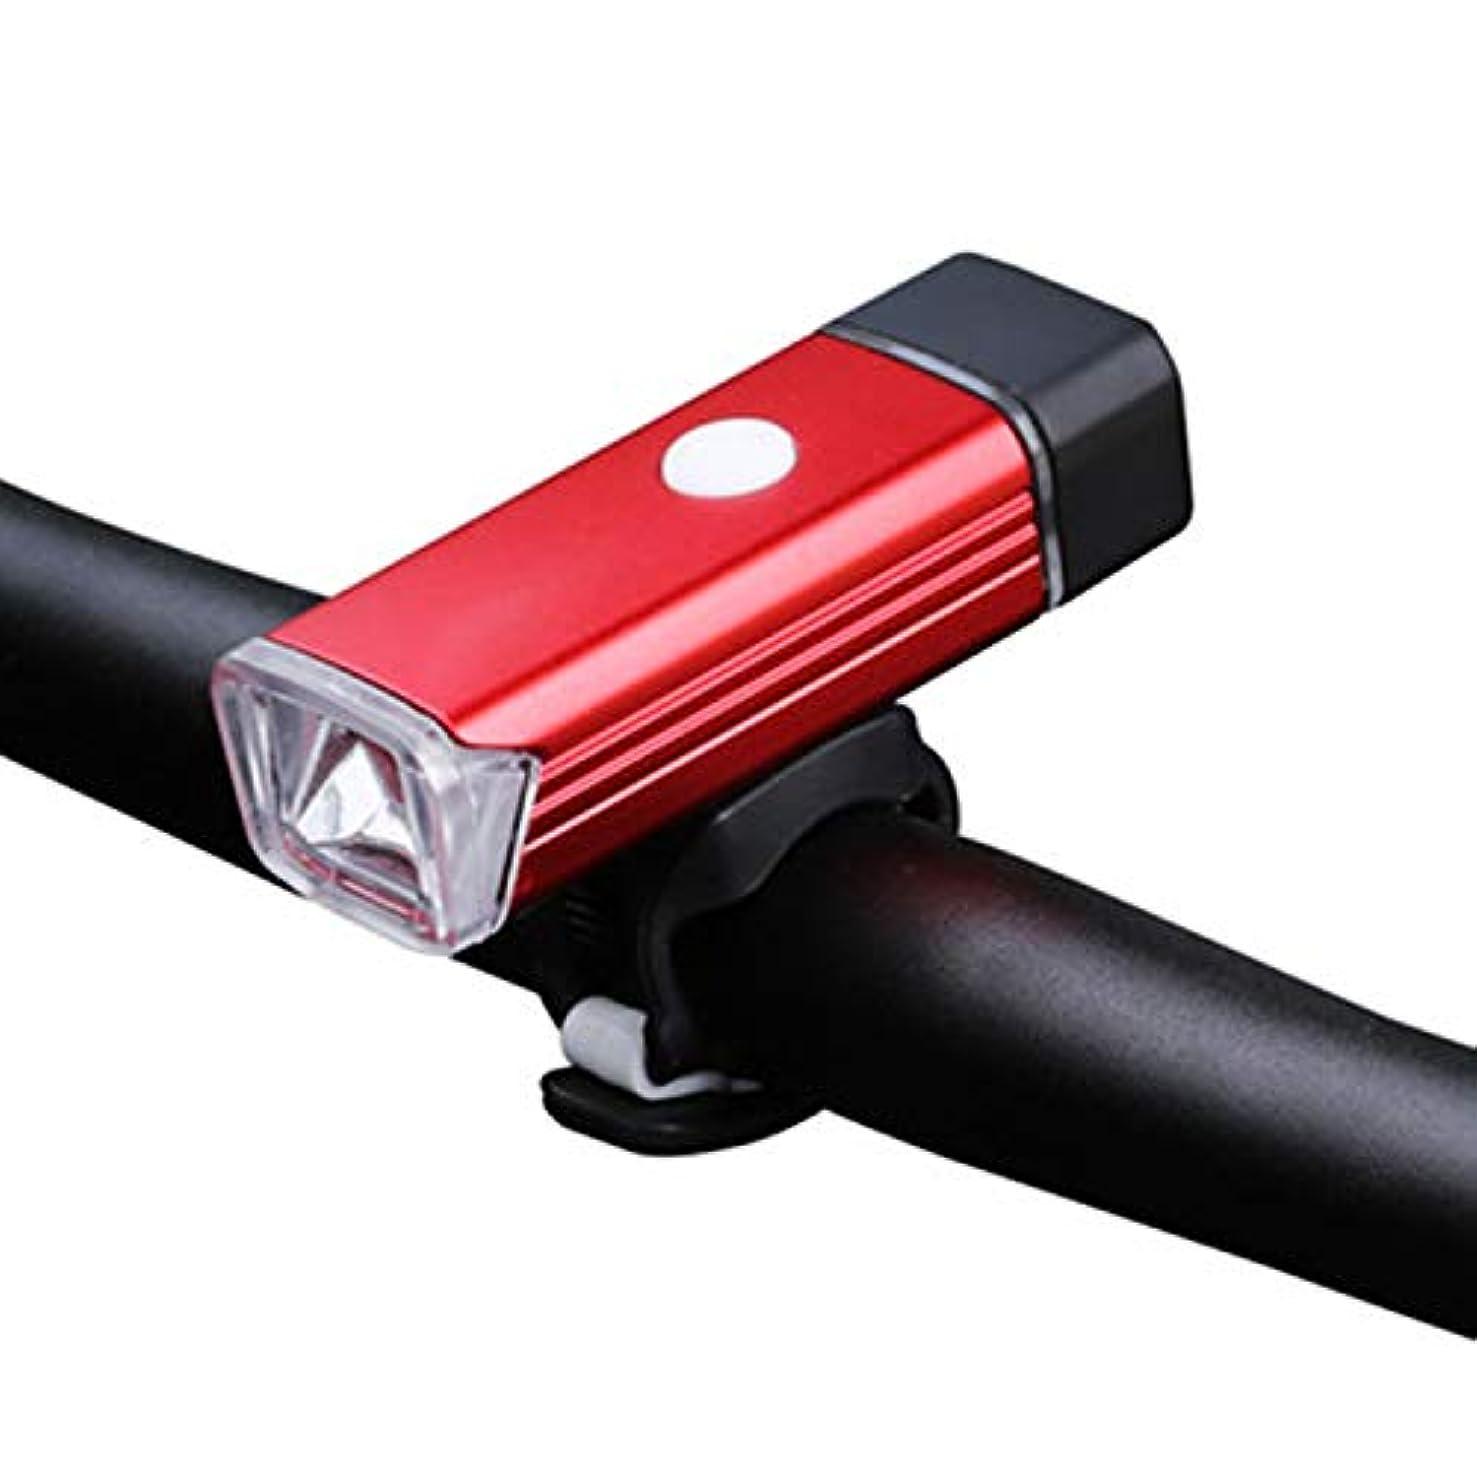 食事準拠型自転車用ライト、マウンテンバイク用ヘッドライト、ストロングライトナイトライディングライト懐中電灯USB充電ライディング用自転車ライト機器用アクセサリー